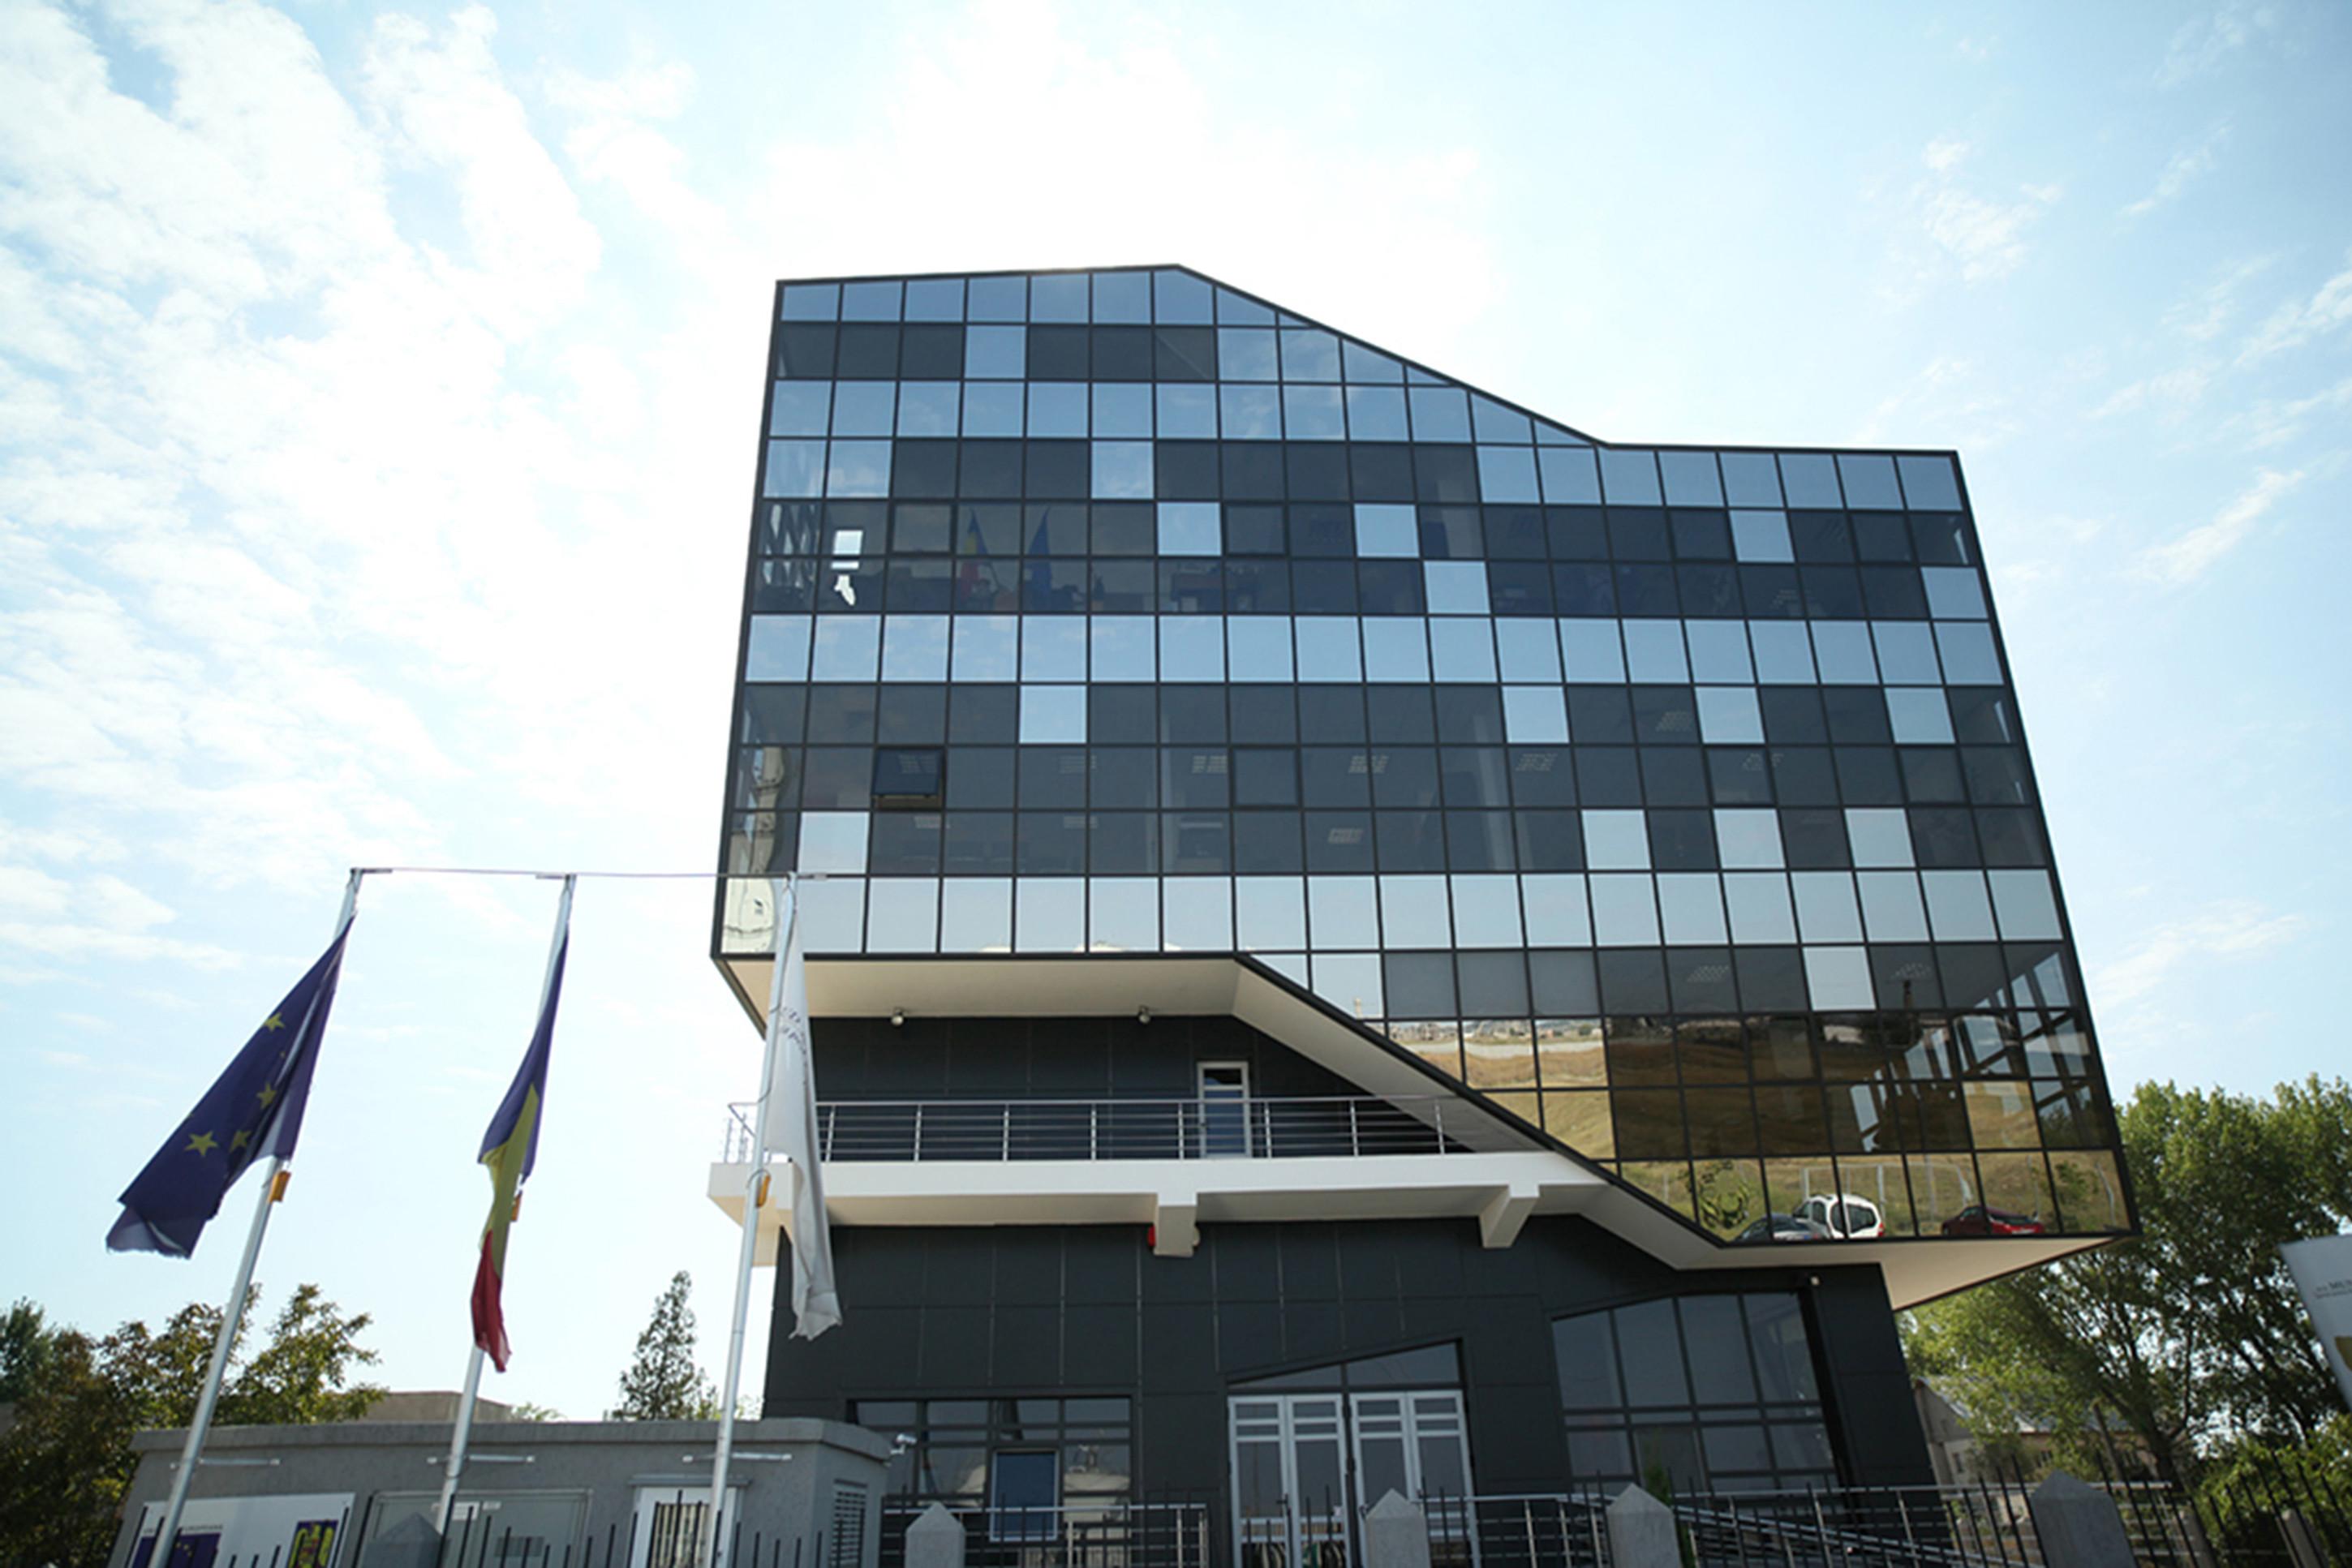 Concurs pentru ocuparea a două posturi de expert în cadrul Biroului Comunicare, Direcția Dezvoltare și Comunicare, la sediul central din municipiul Călărași - 7 iunie 2021